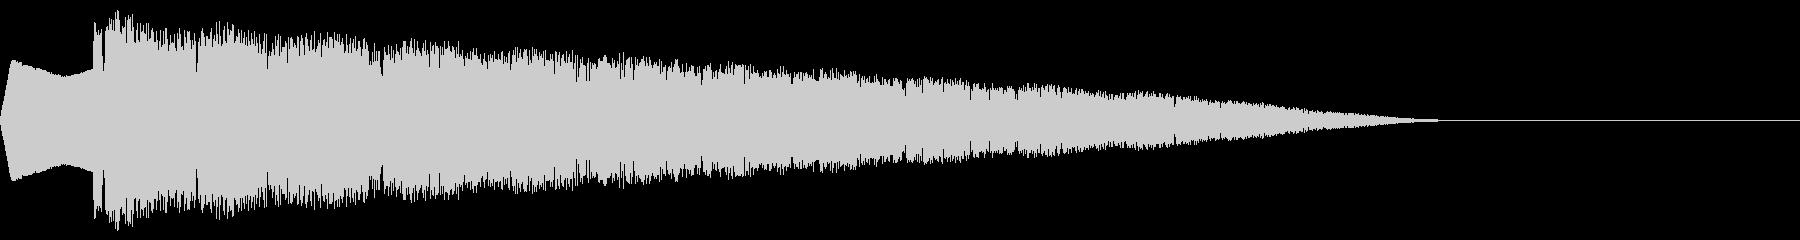 ピルルル(ワープ/ファミコン/ピコピコ)の未再生の波形